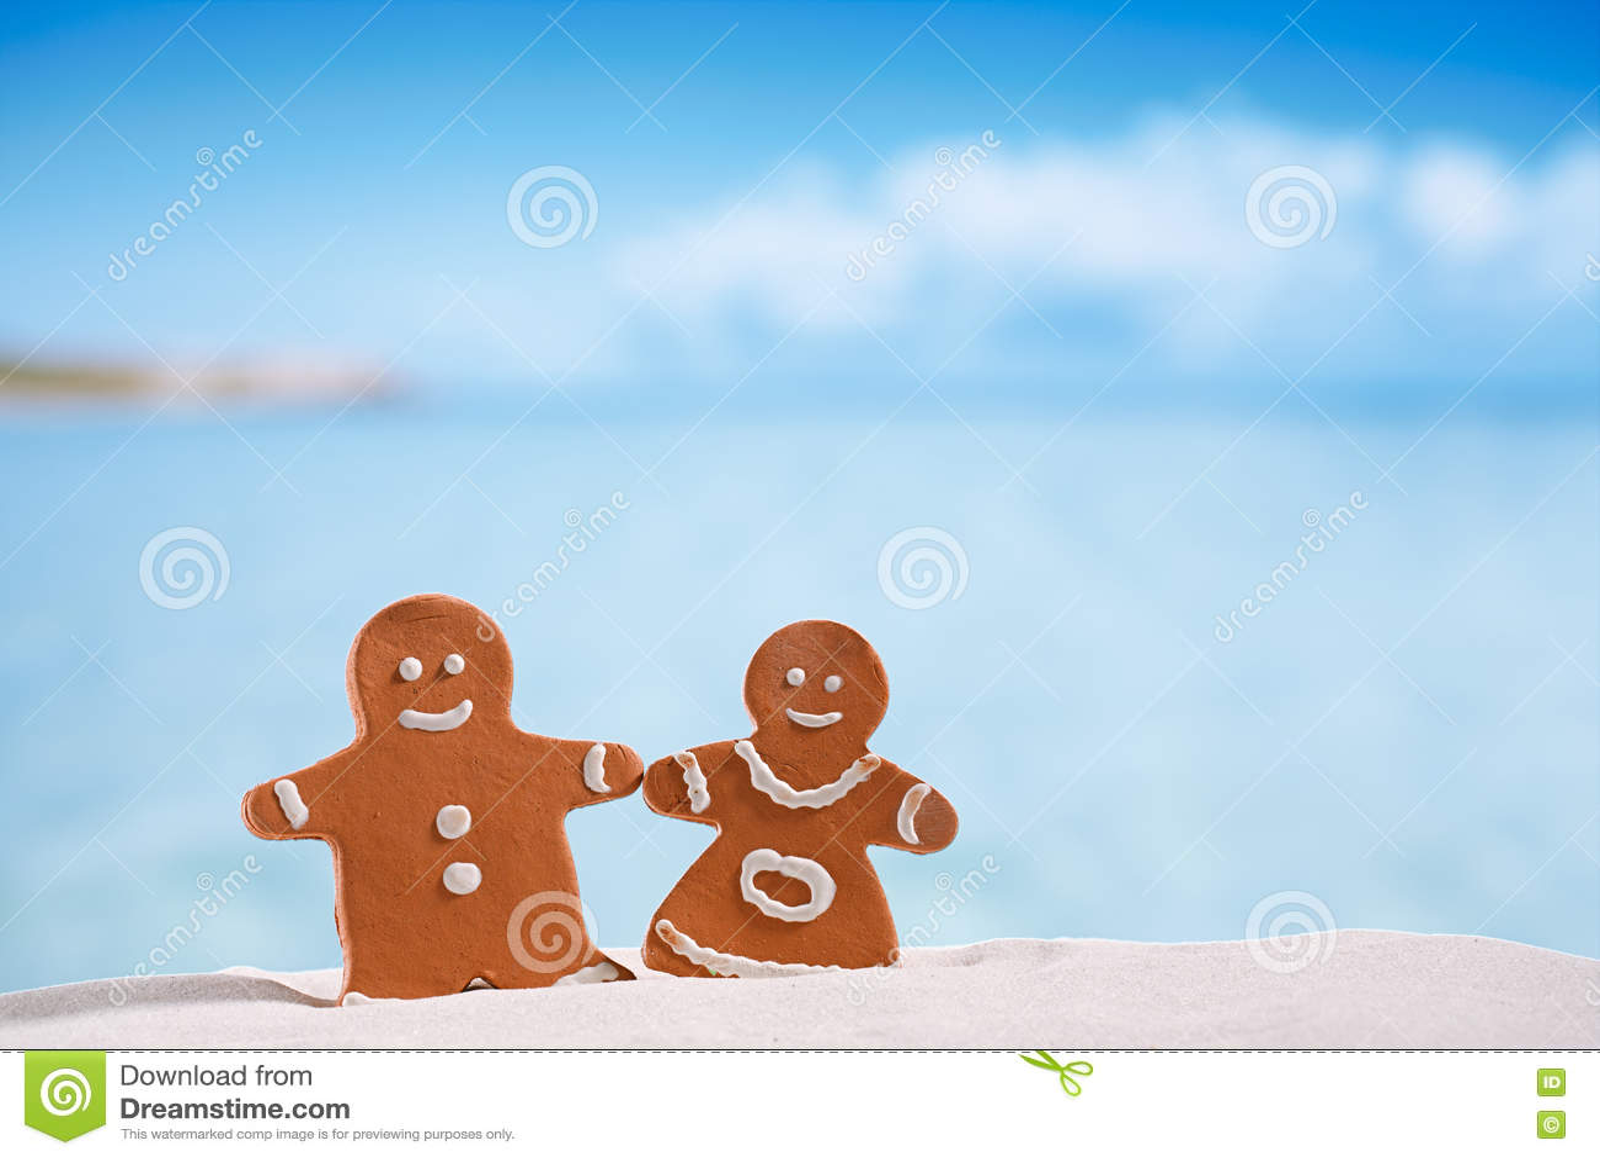 Ragazzo e ragazza del pan di zenzero dell argilla sulla spiaggia con vista sul mare